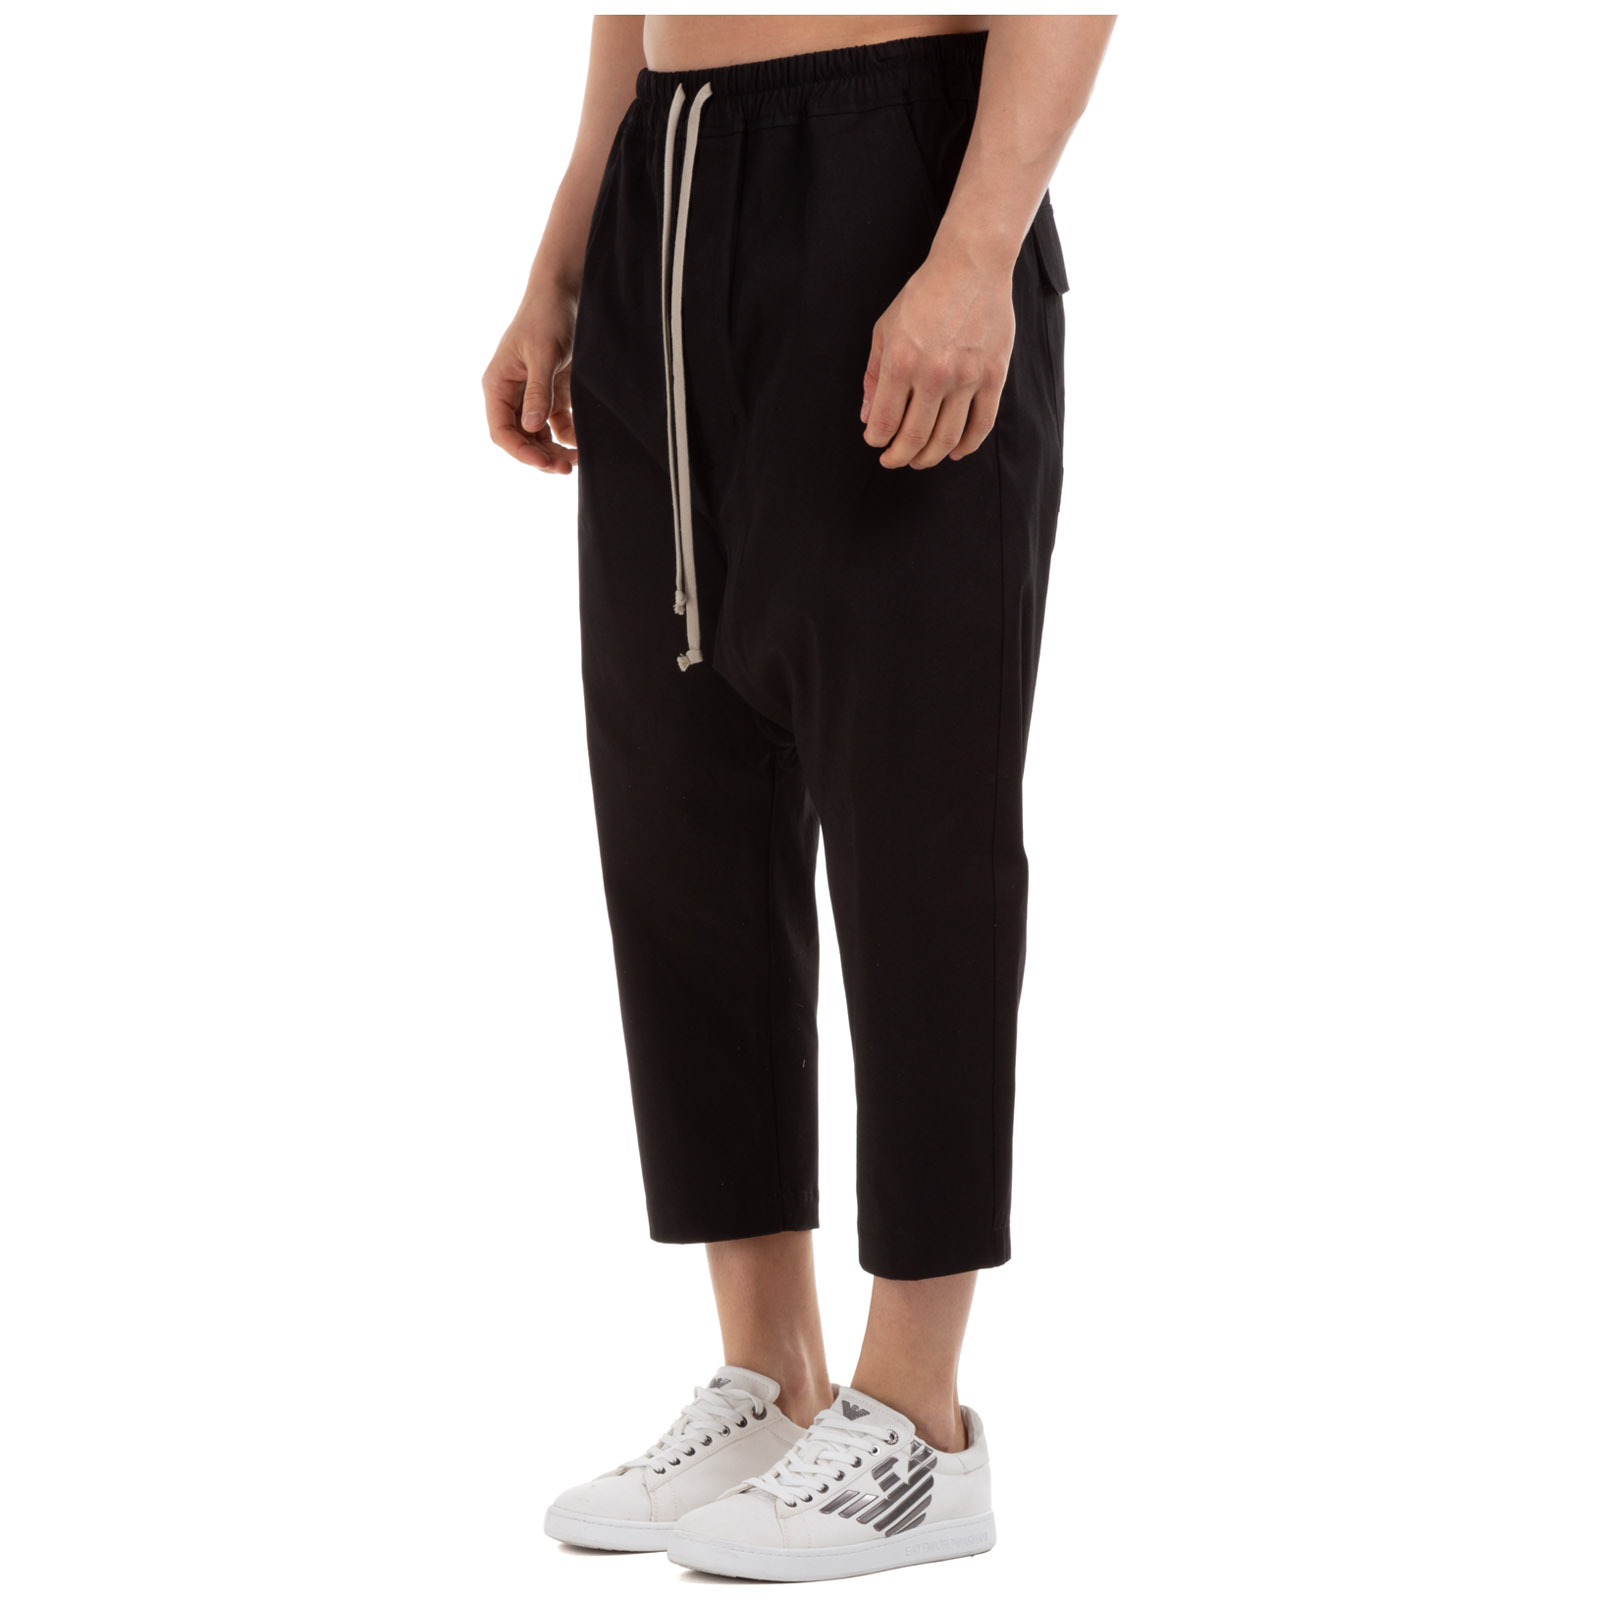 Men's trousers pants